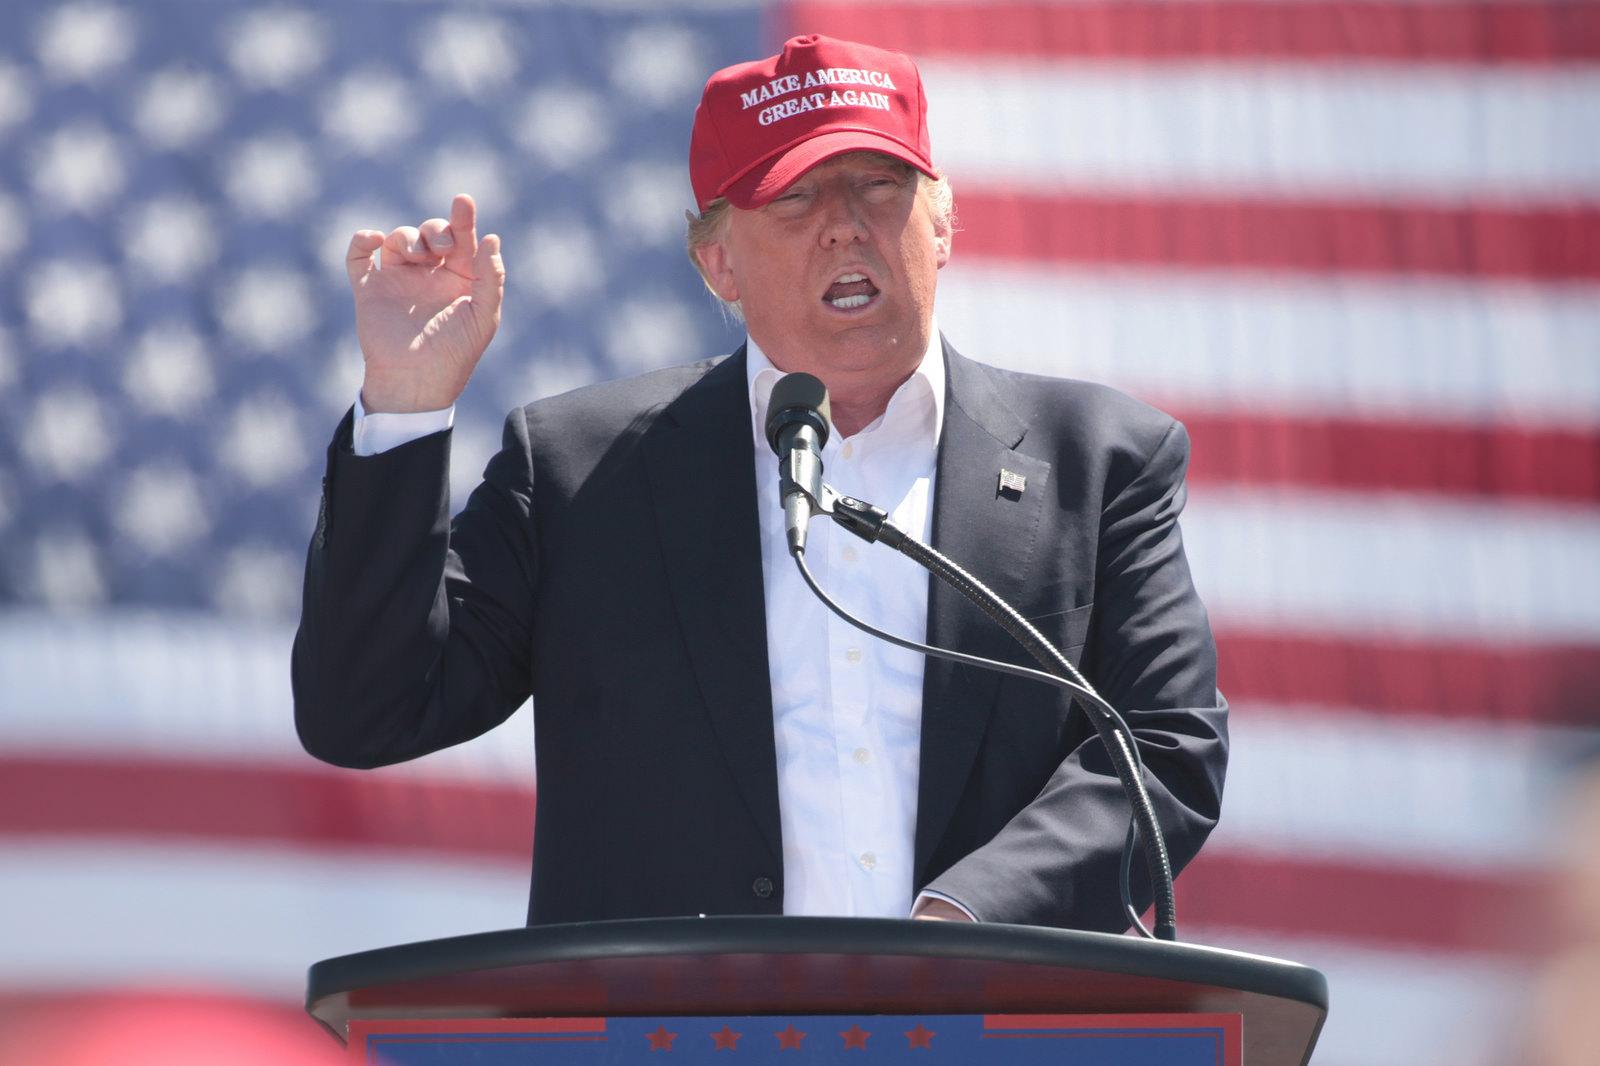 Le 45ème président des États-Unis, Donald Trump